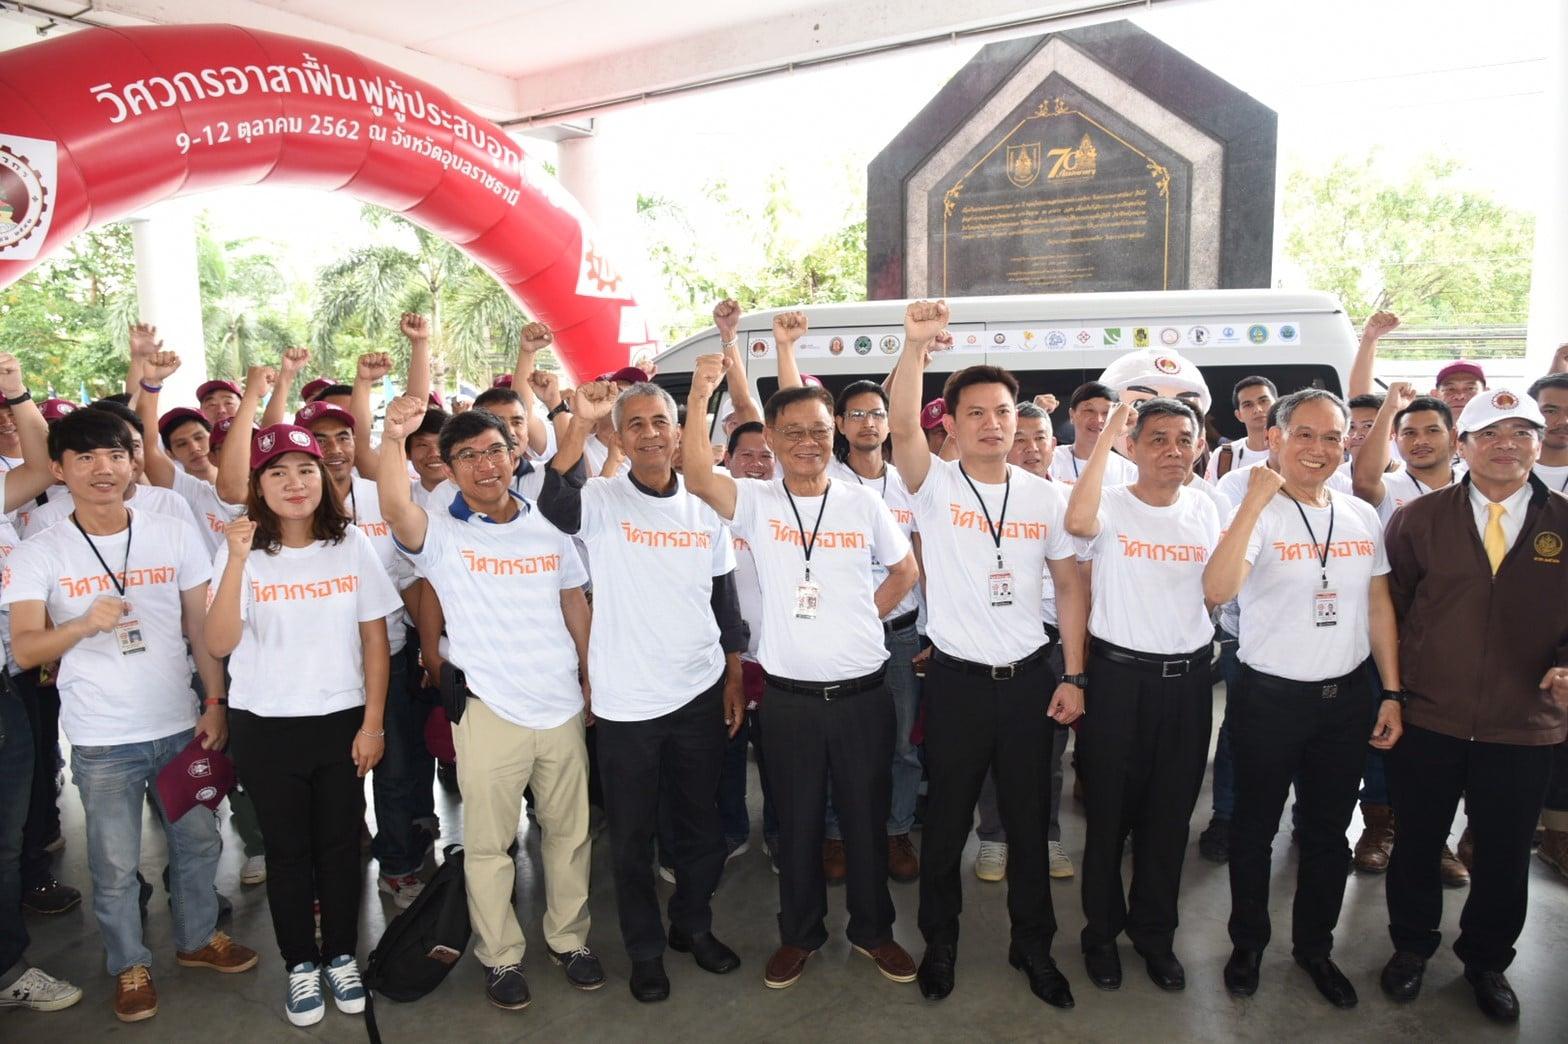 วิศวกรรมสถานแห่งประเทศไทยฯ (วสท.) สภาวิศวกร ร่วมกับหน่วยงานที่เกี่ยวข้อง ทำการปล่อยขบวนรถวิศวกรอาสาฟื้นฟูผู้ประสบอุทกภัย จังหวัดอุบลราชธานี